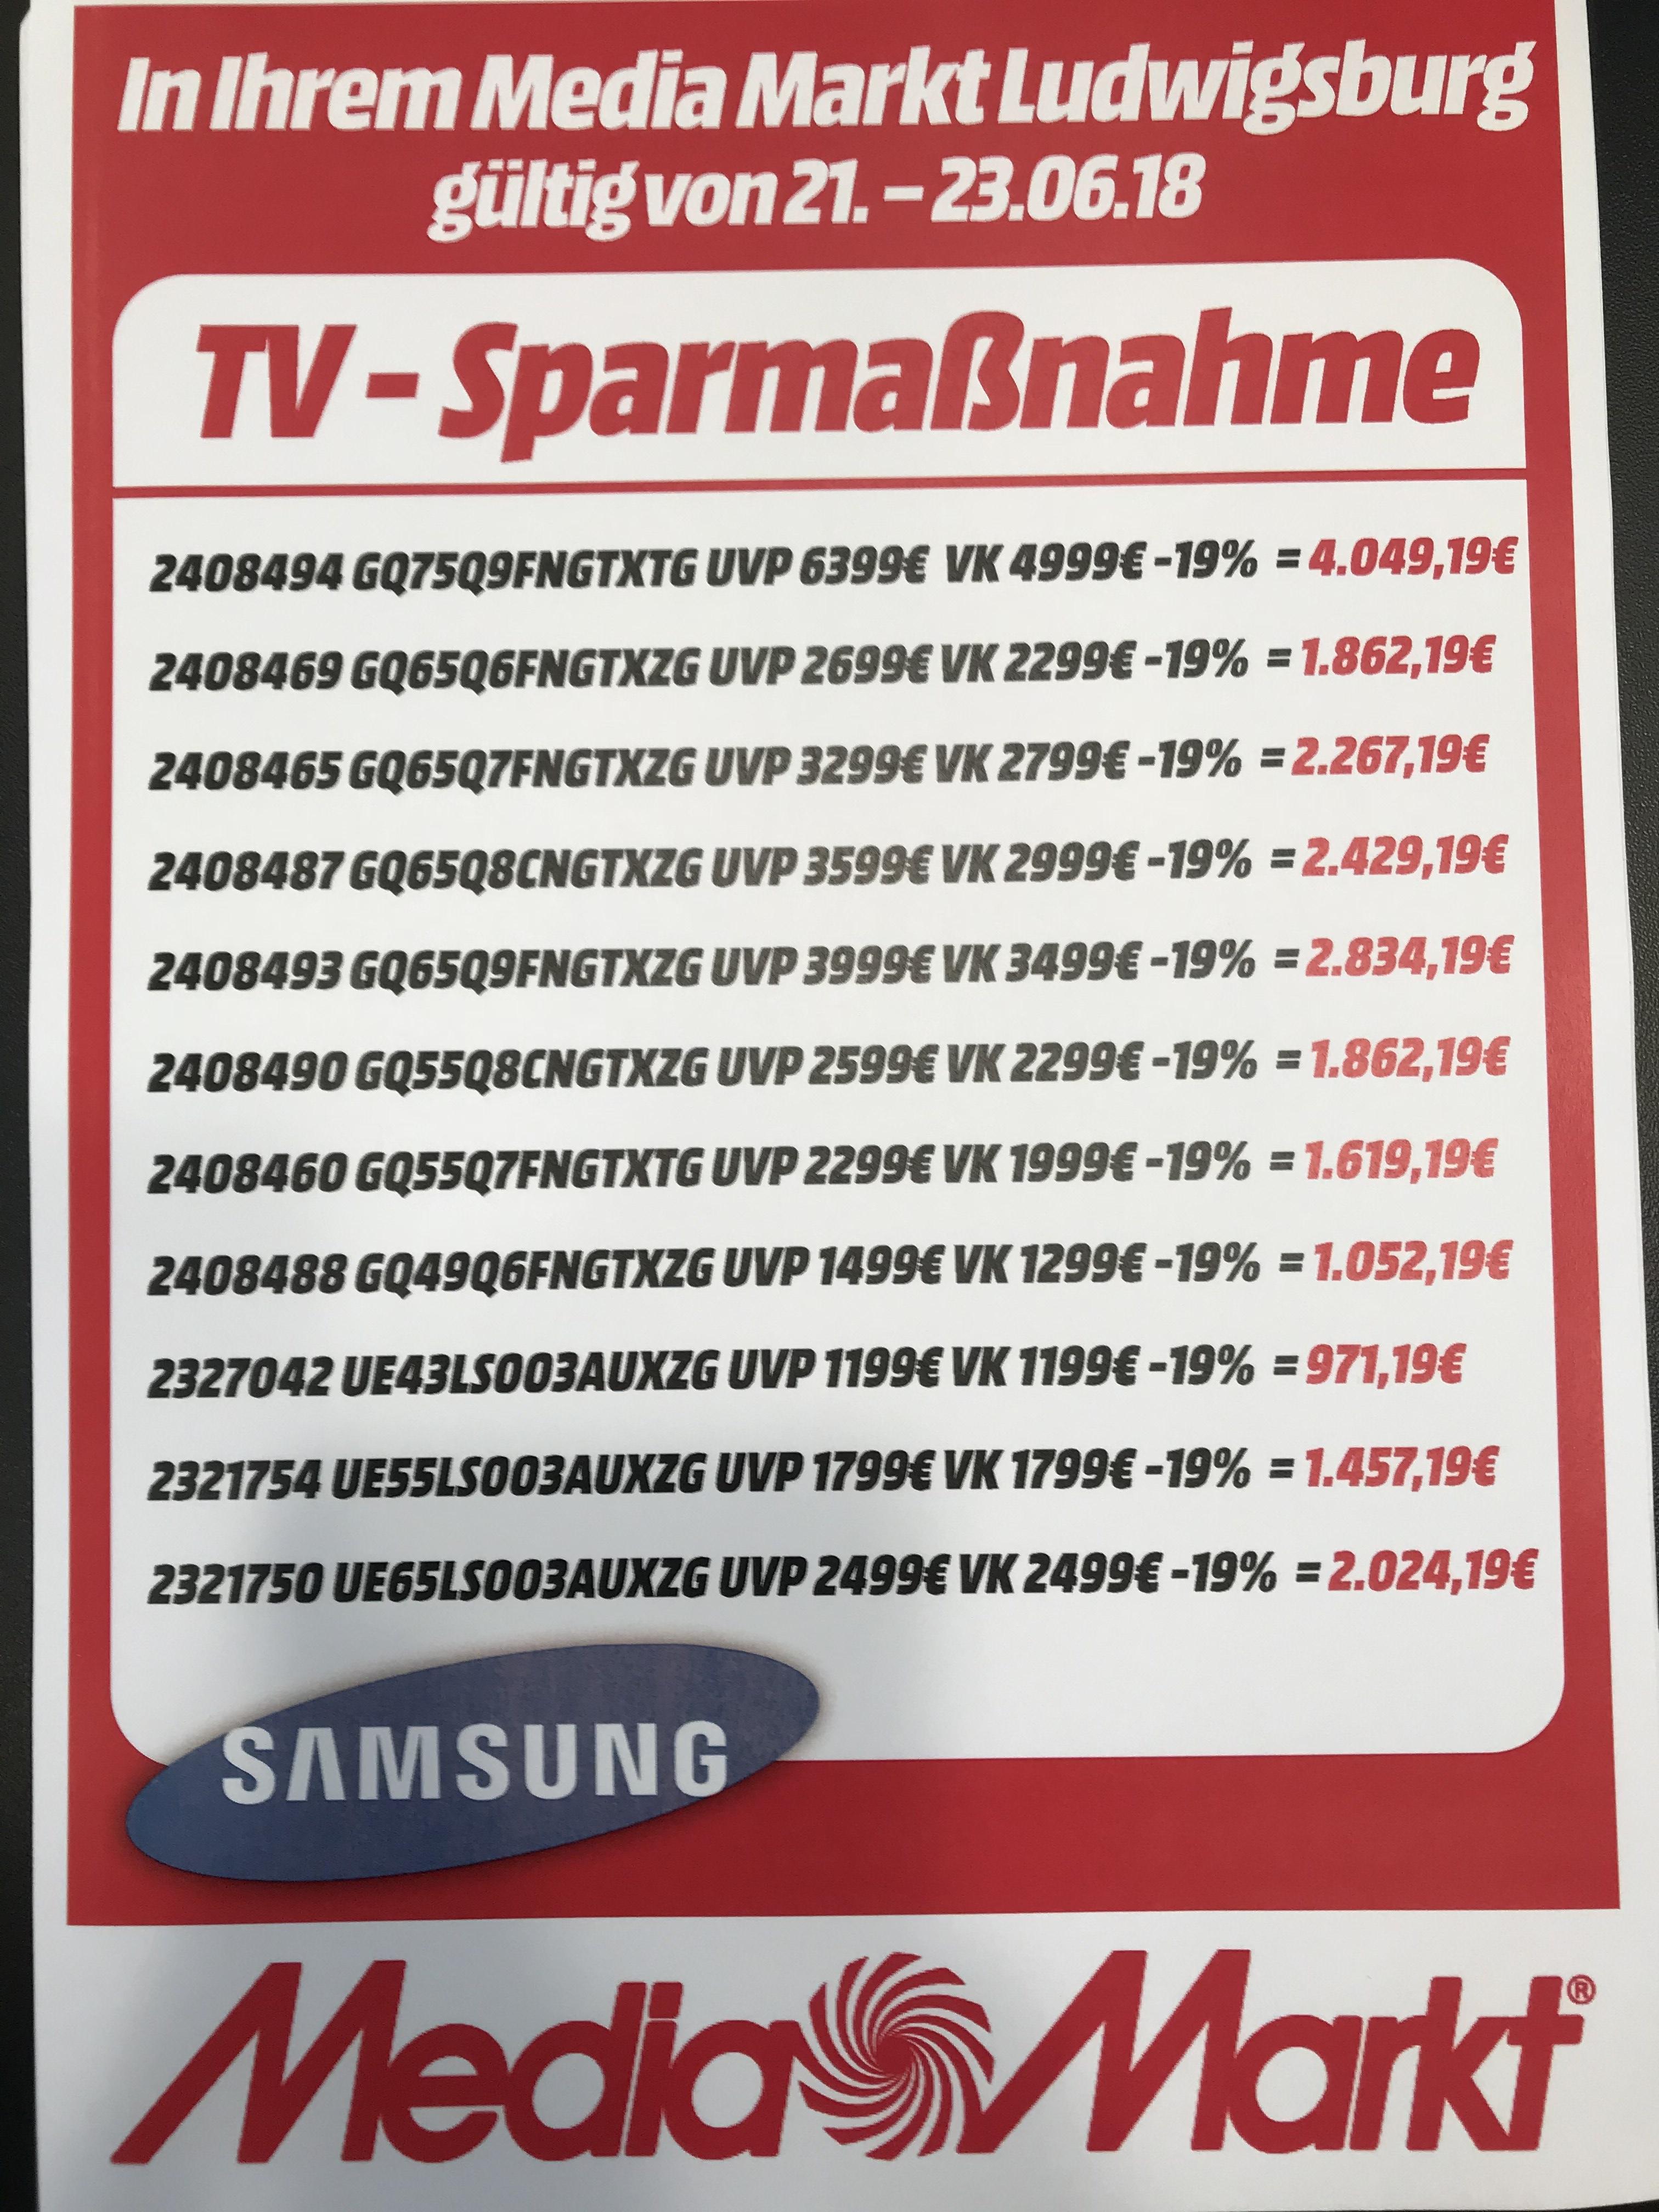 Samsung alle Q-LED + Frame 19% Rabatt, Lokal Media Markt Ludwigsburg